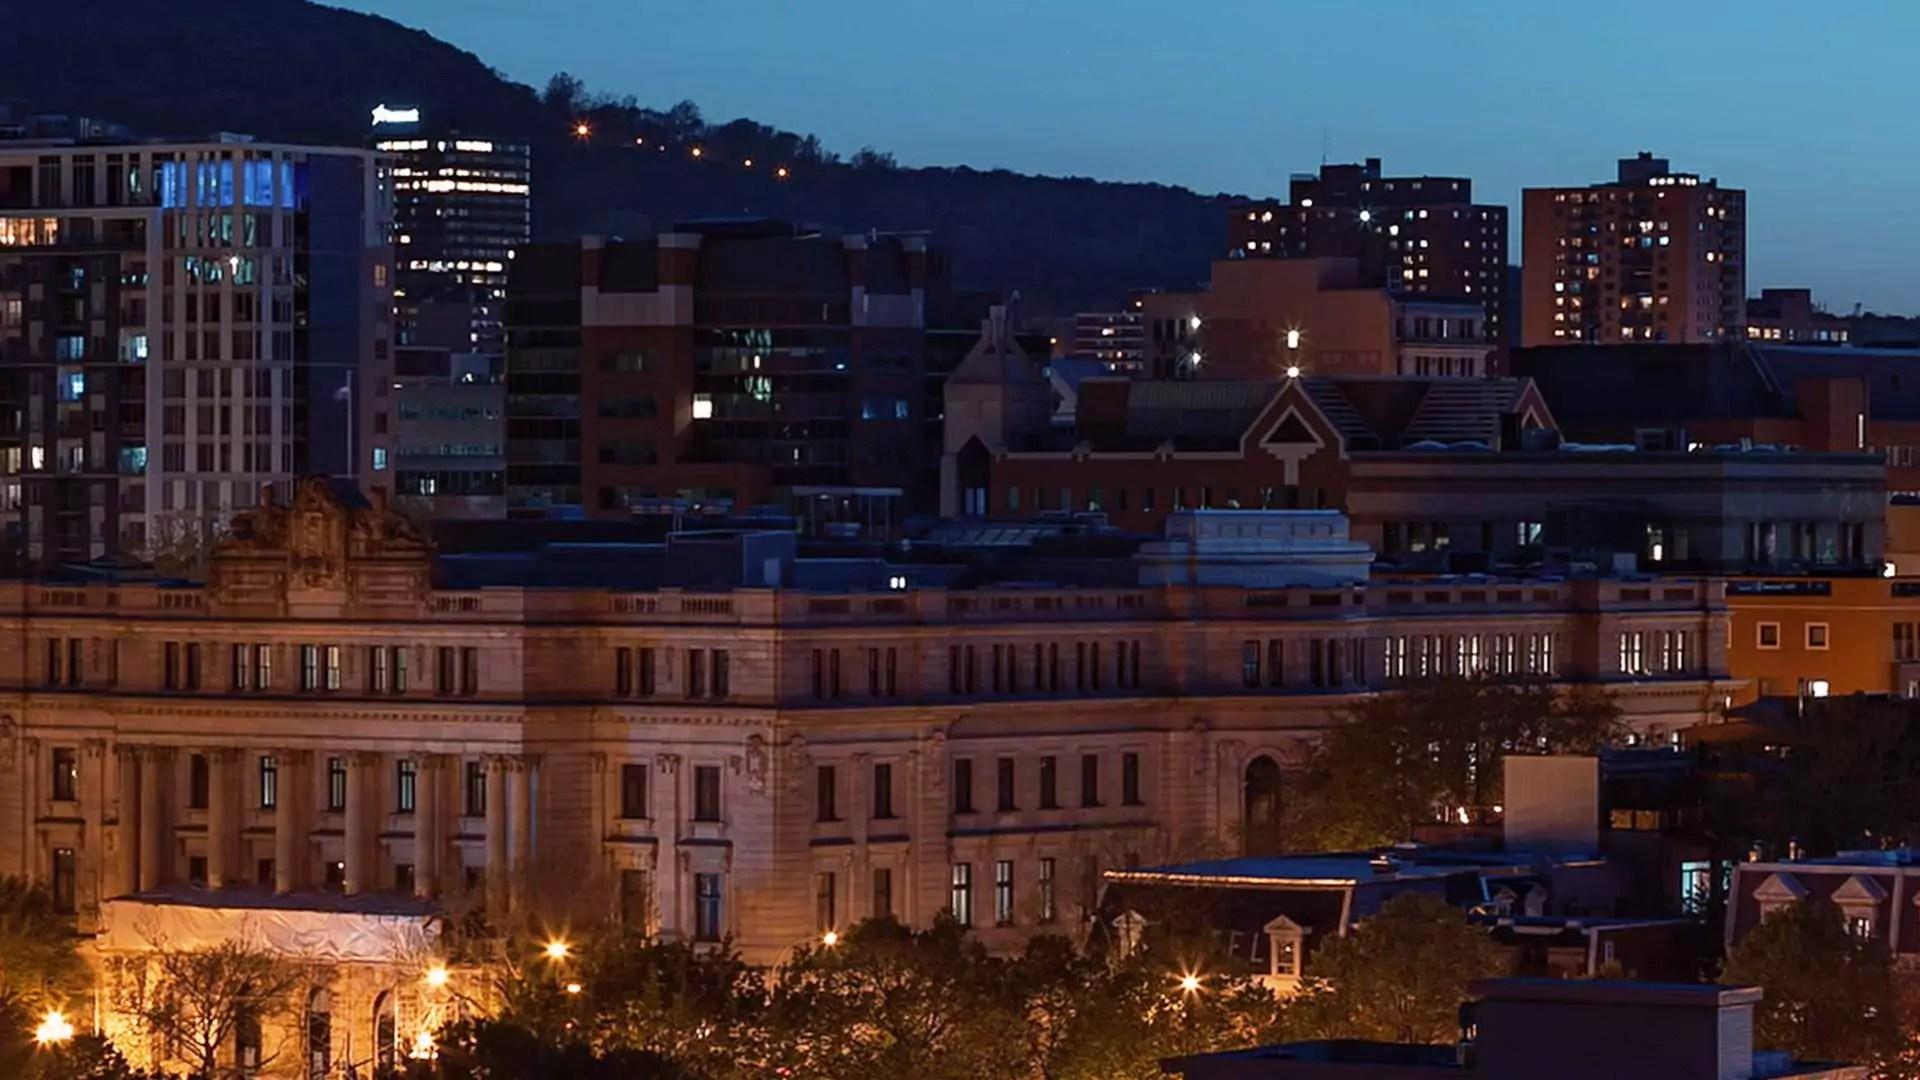 Partial skyline of a city.